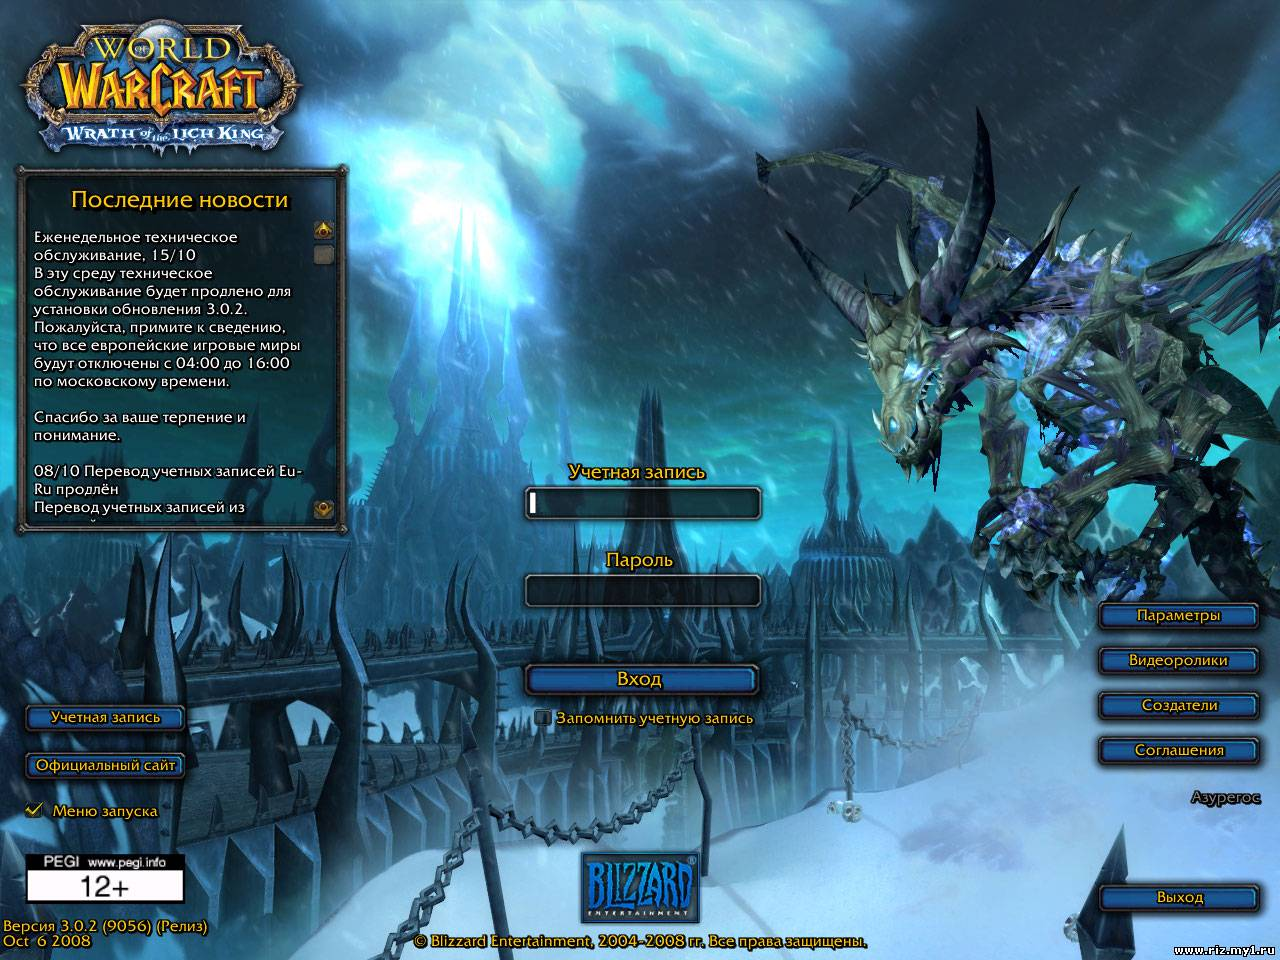 Патчи для WoW World of Warcraft - Скачать. На сайте представлено